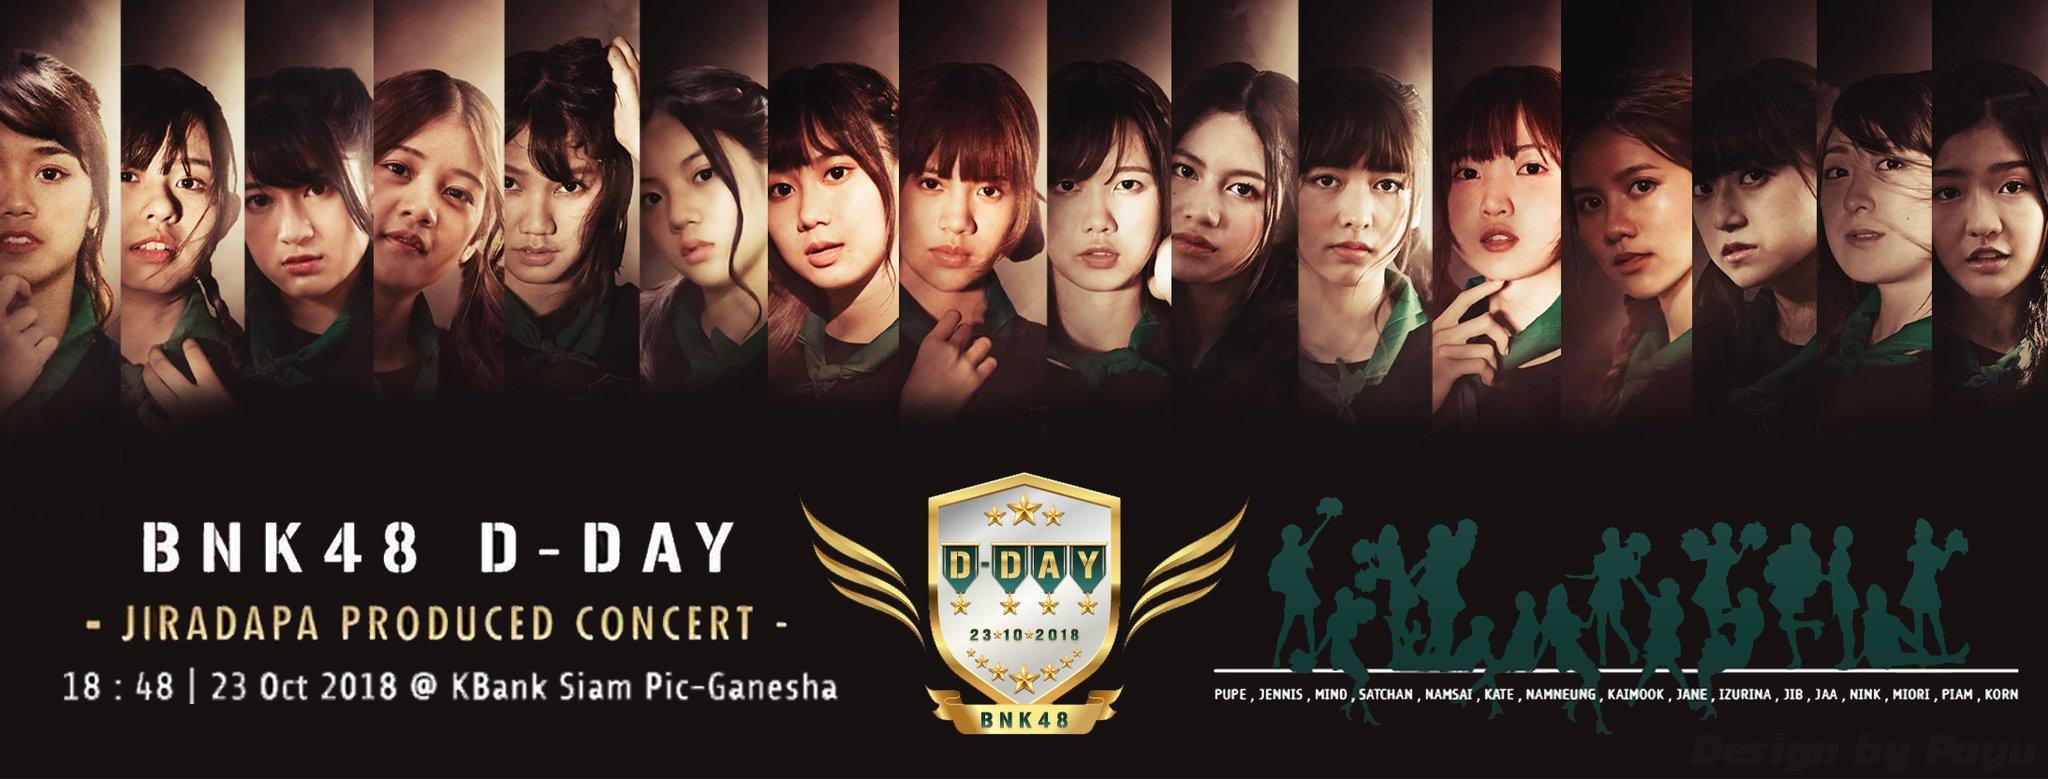 จาก Girls Don't Cry ถึง BNK48 D-Day Concert 2